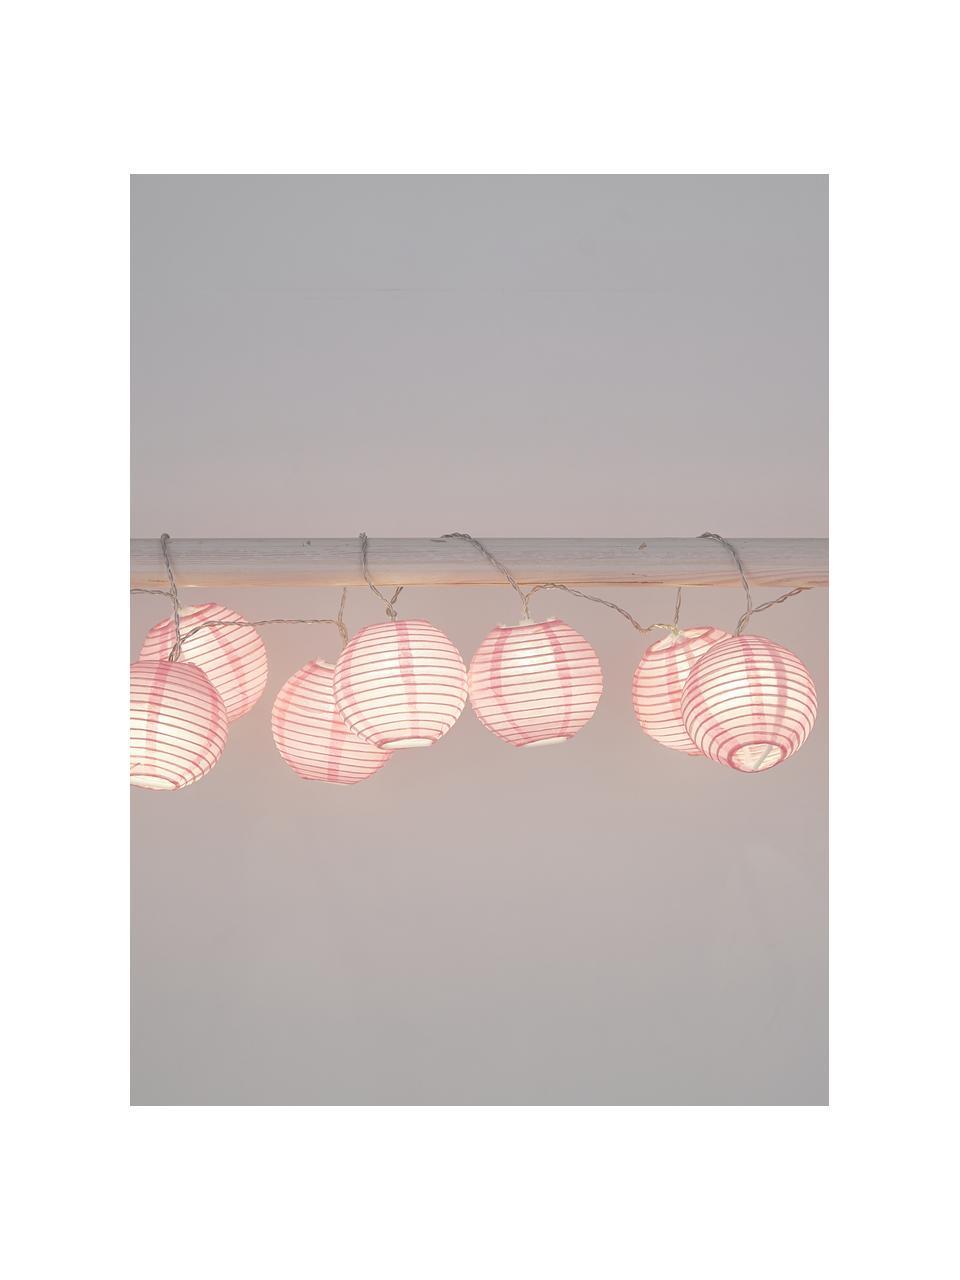 LED-Lichterkette Festival, 300 cm, 10 Lampions, Lampions: Papier, Rosa, L 300 cm